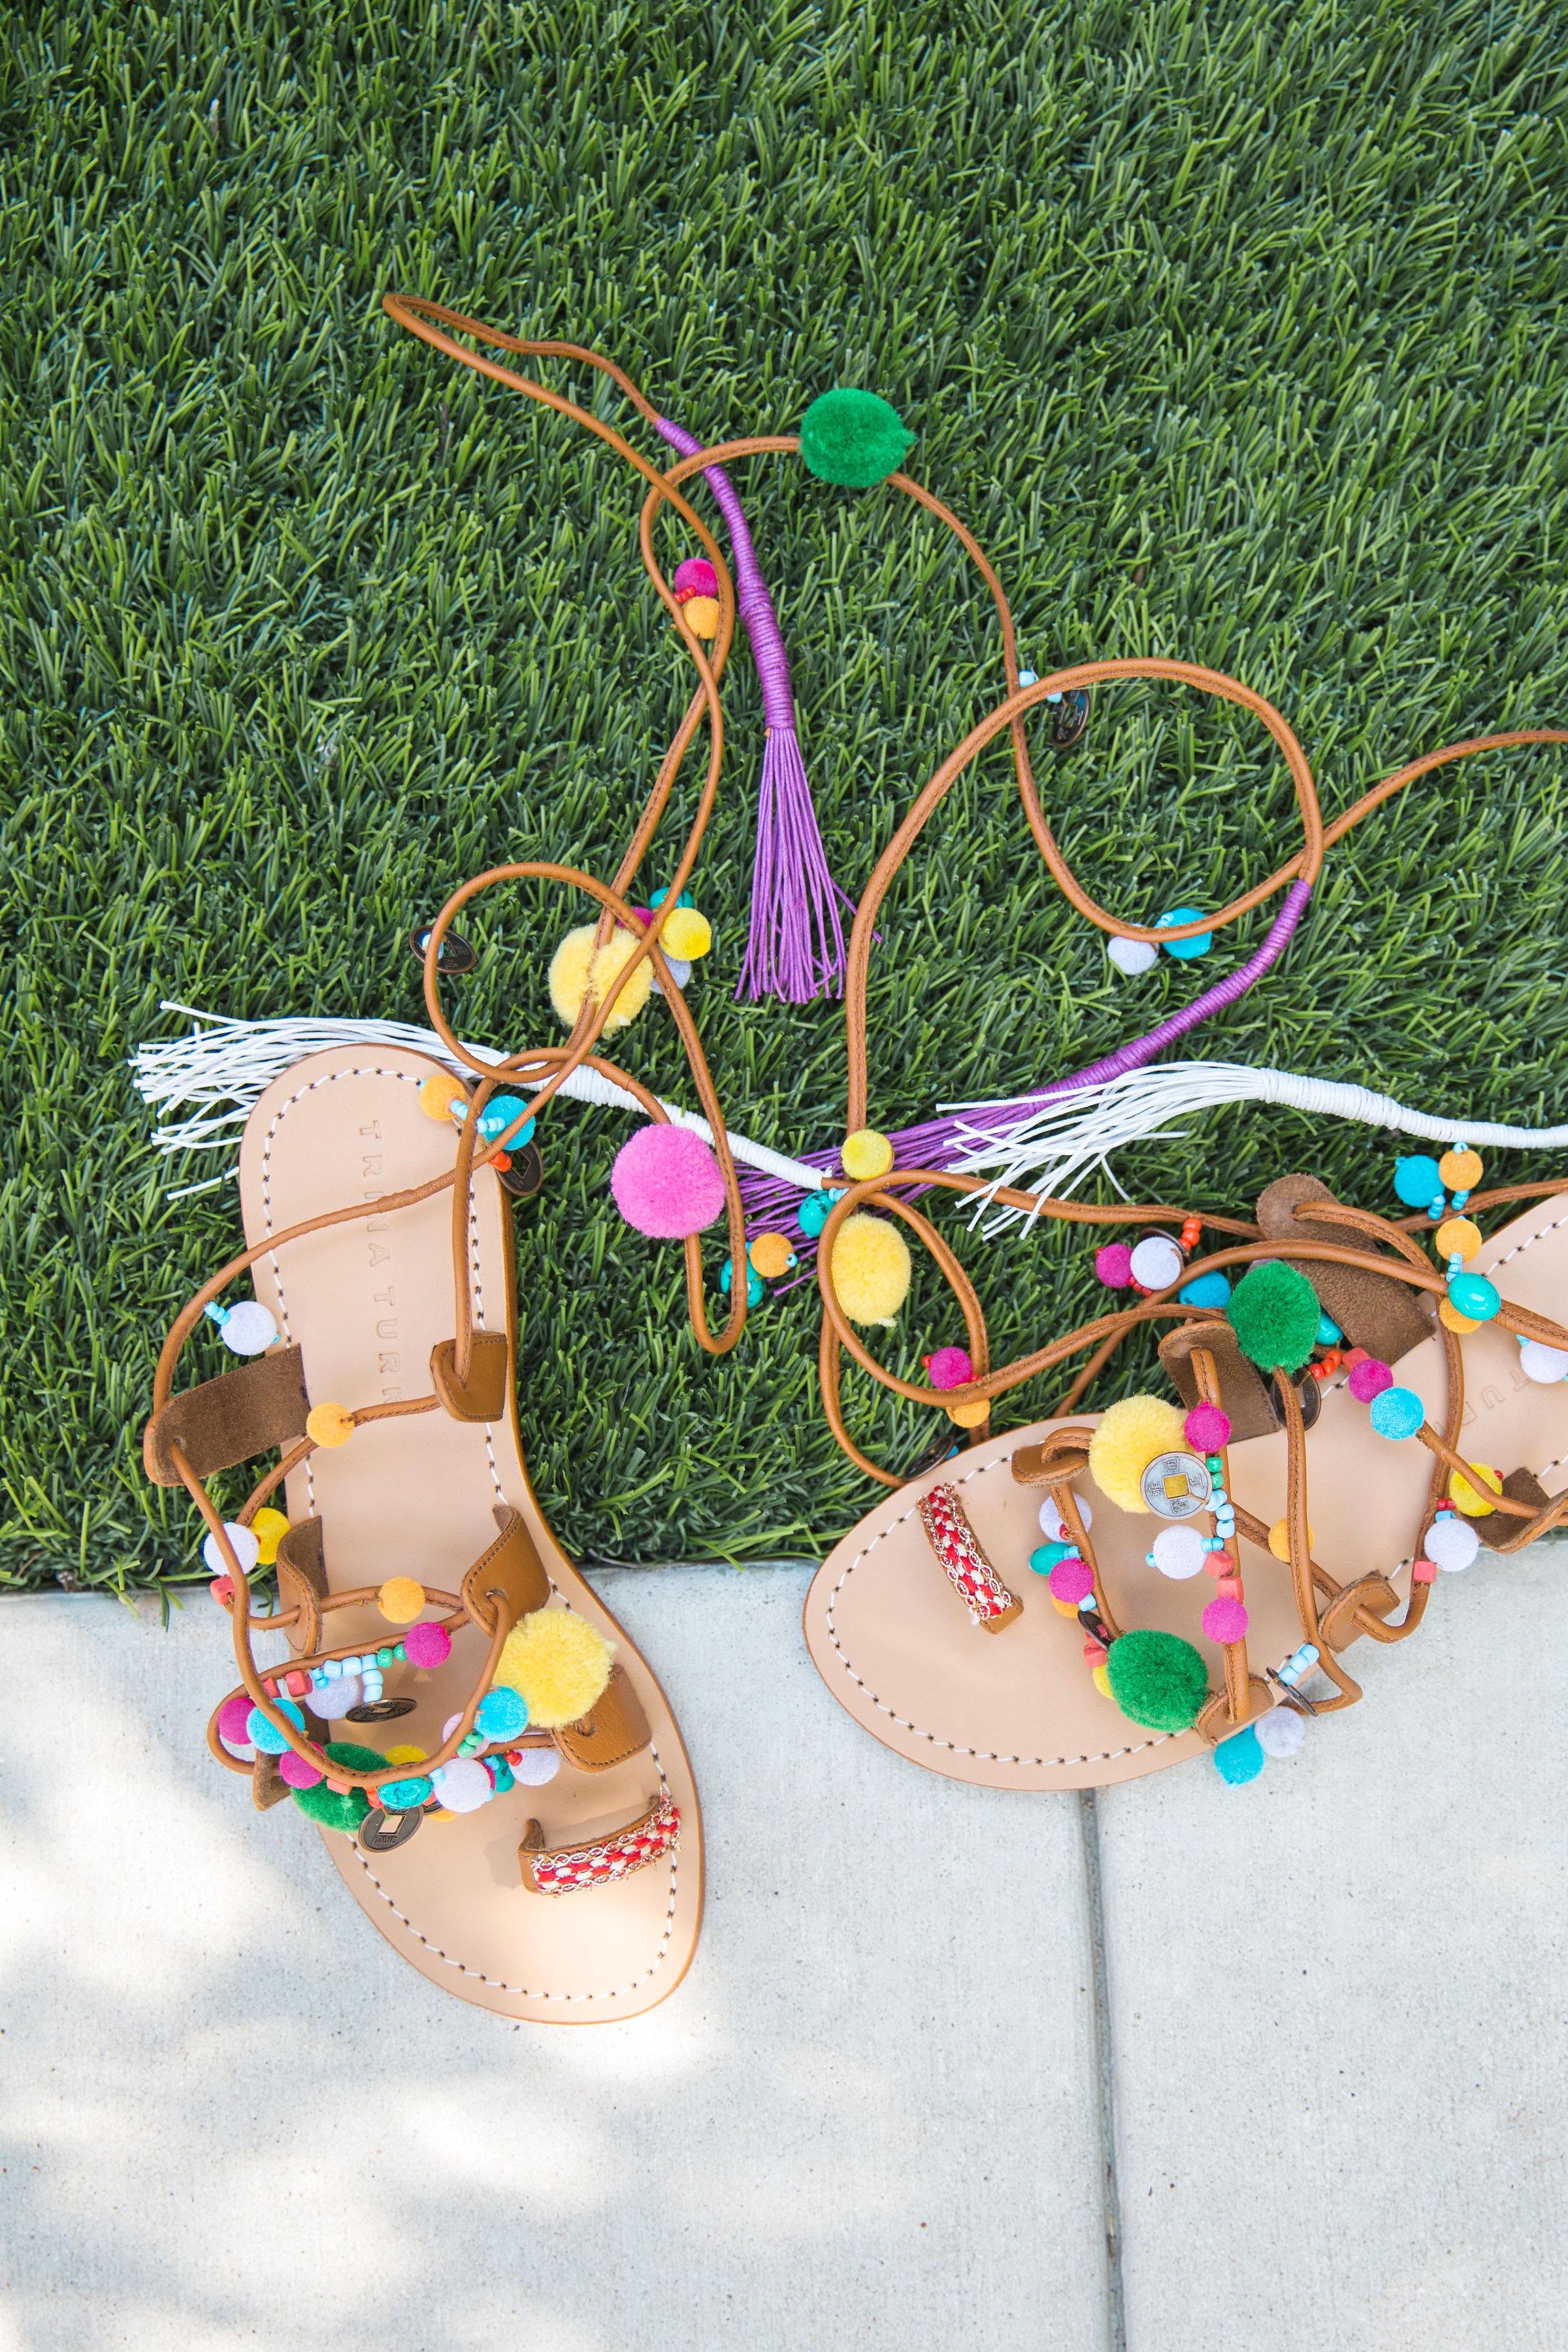 Trina Turk Pompom Sandals | Pom pom sandals